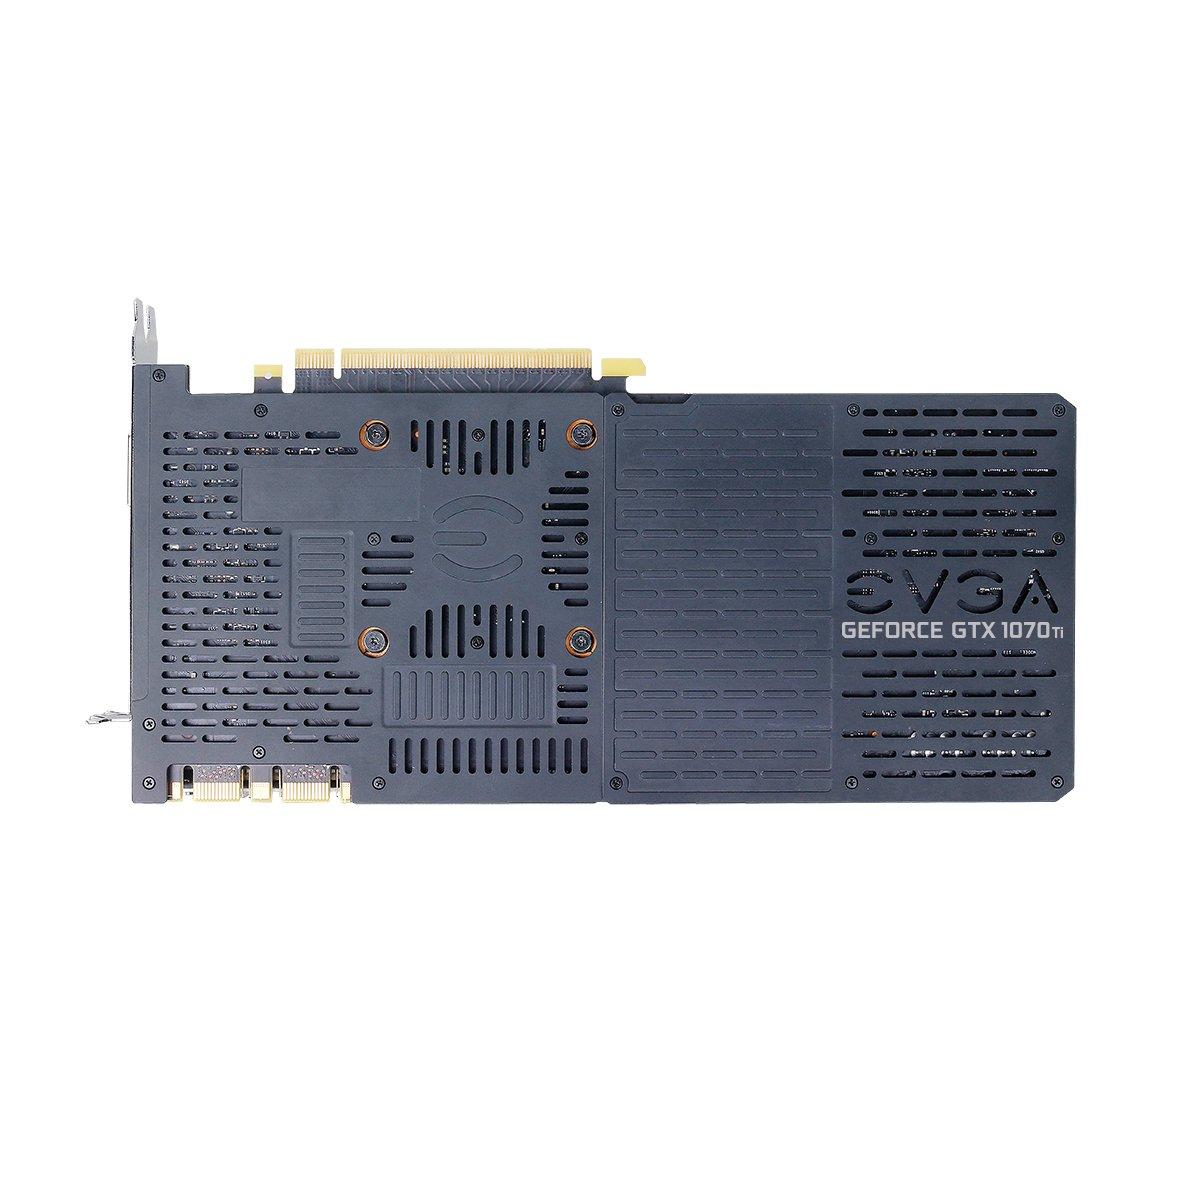 EVGA GeForce GTX 1070 Ti FTW2 Juego, 8 GB GDDR5, tecnología iCX - 9 sensores térmicos y LED RGB G / P / M, Ventilador Asynch, optimizada para diseño ...